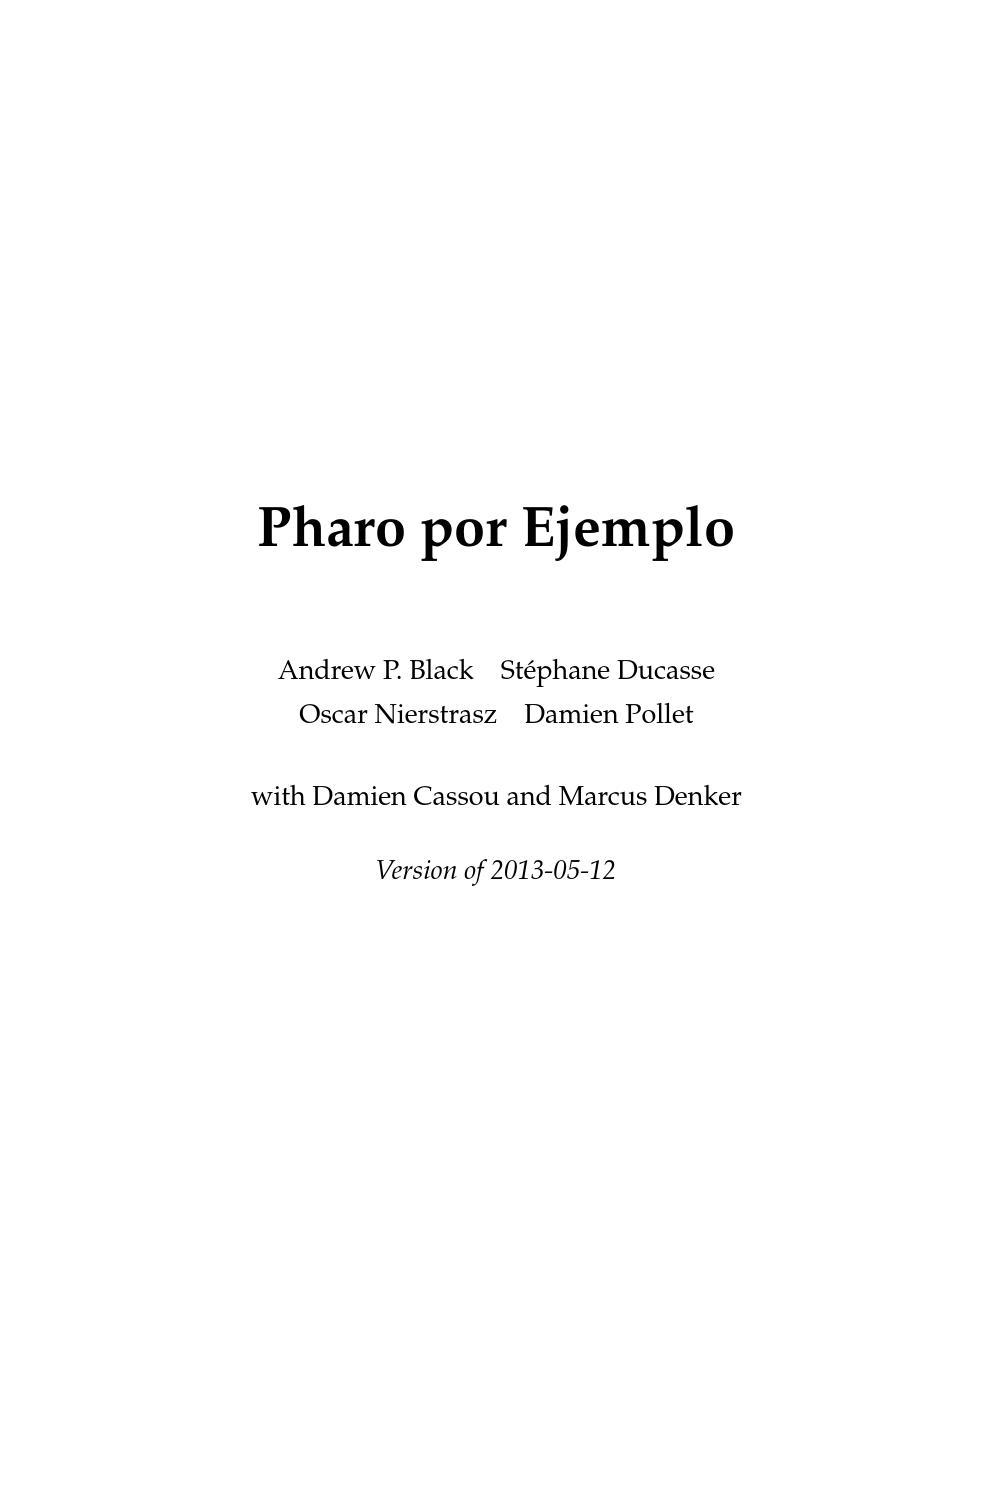 Pharo por ejemplo by esLibre.com - issuu